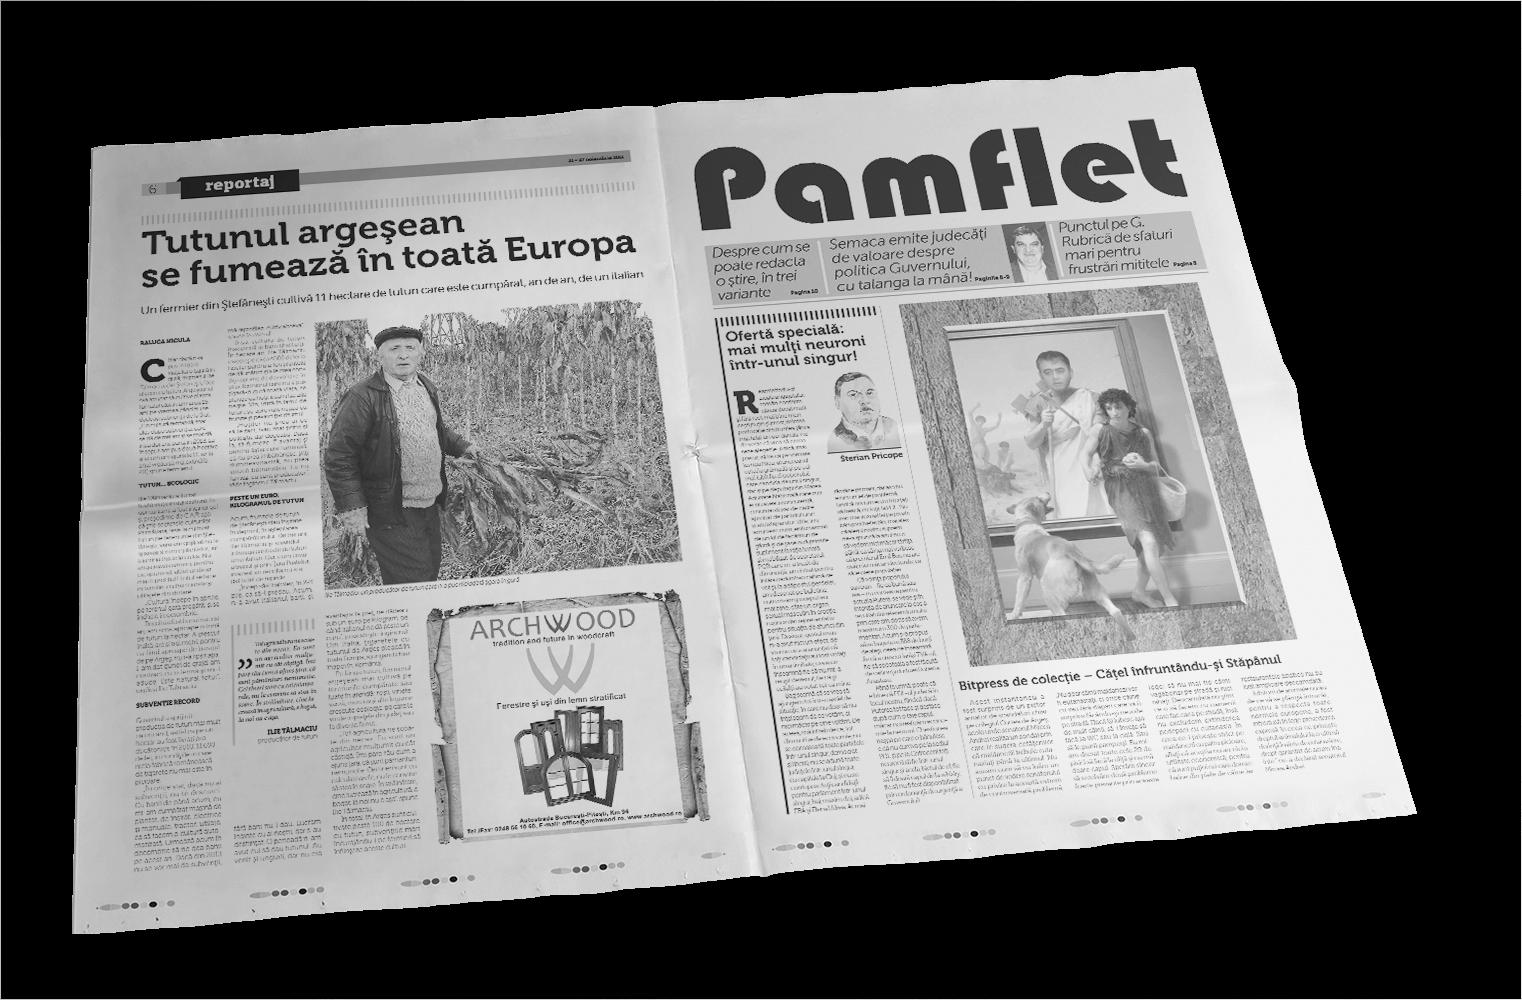 bitpress-magazine-newspaper_spread-6